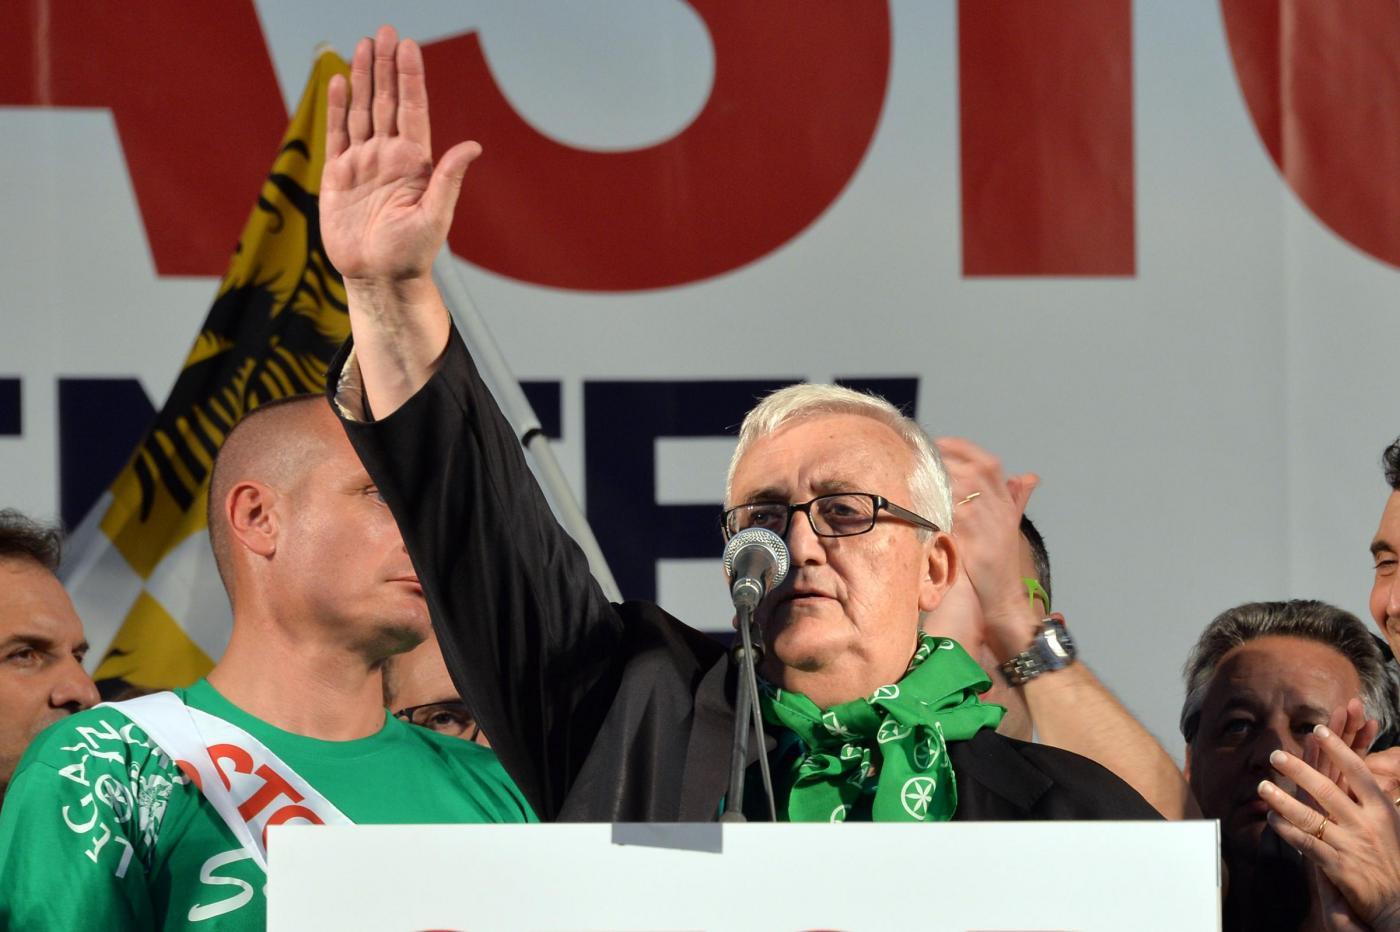 Manifestazione Lega Nord contro l'immigrazione clandestina